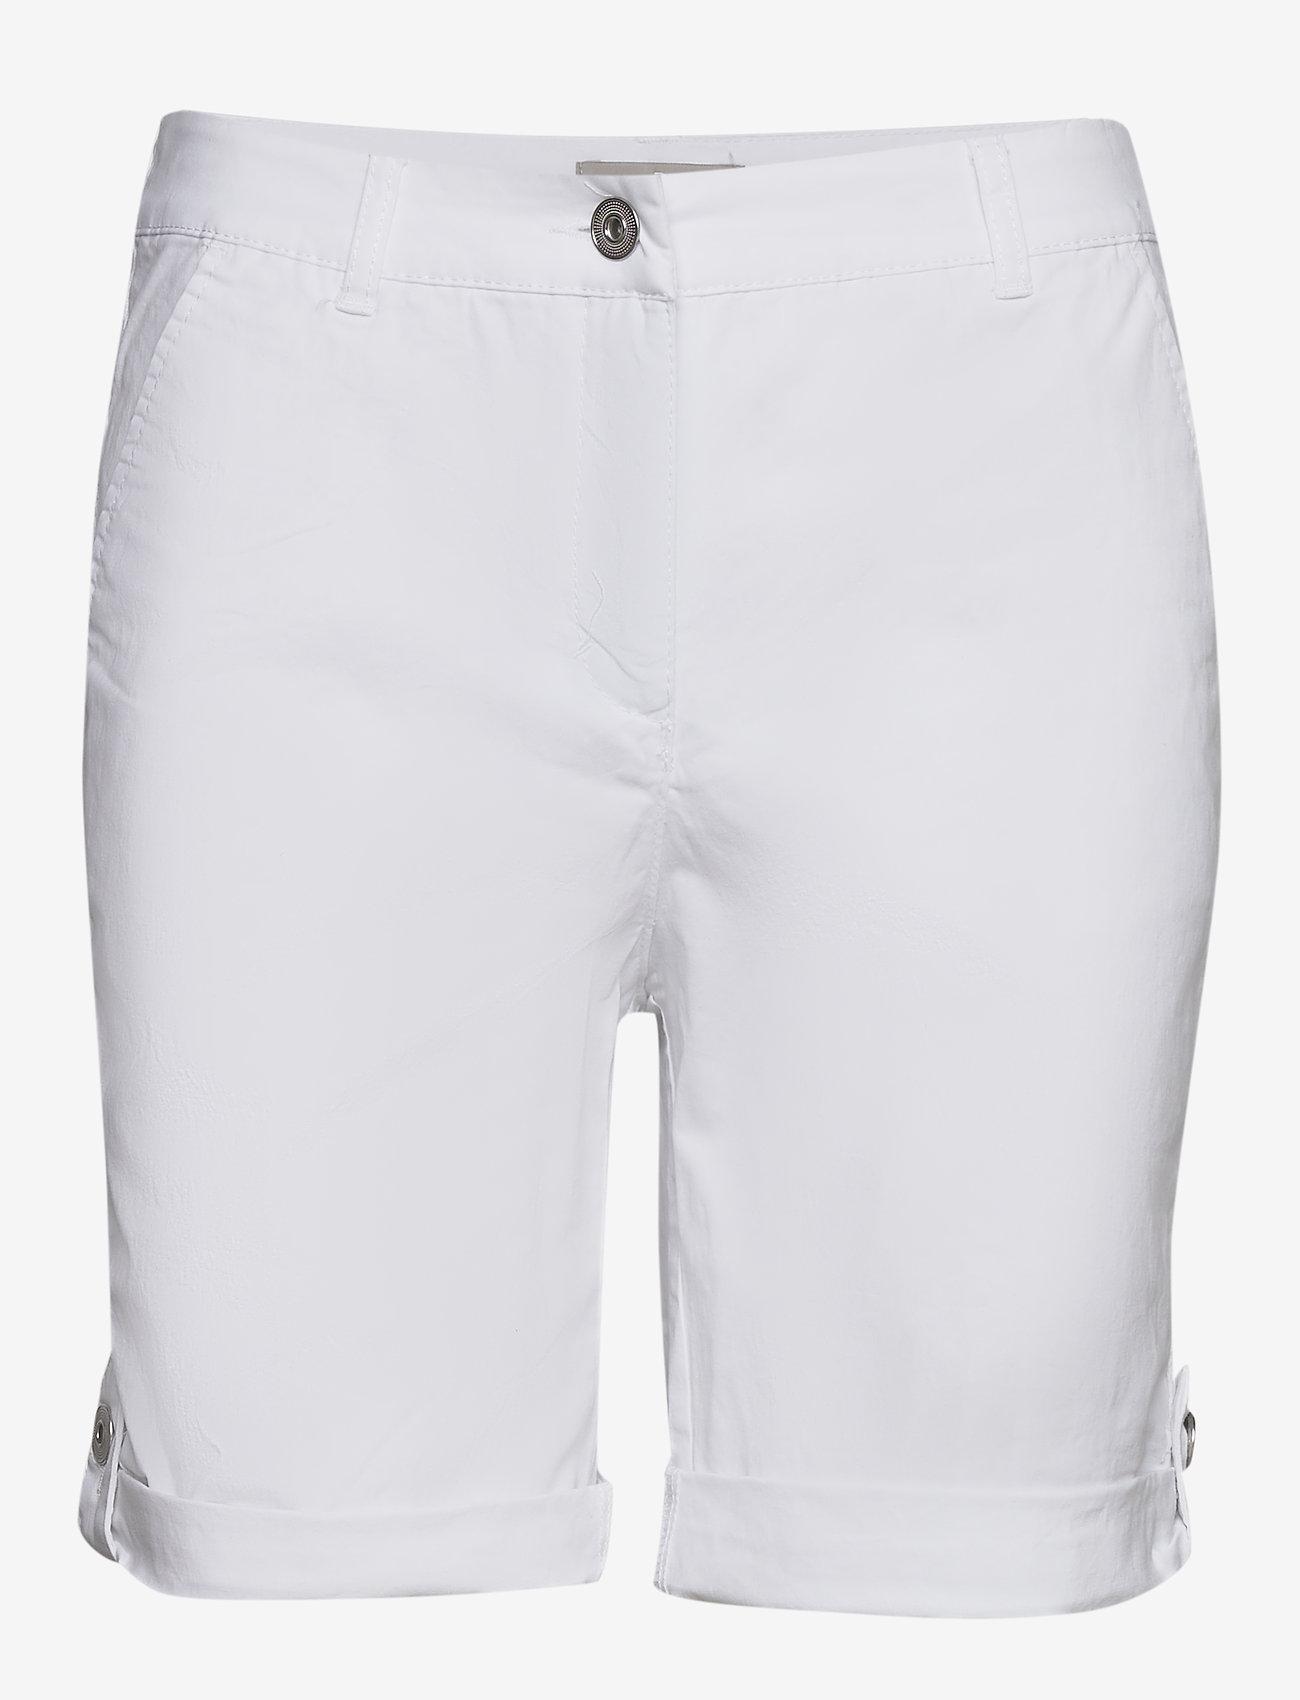 Brandtex - Casual shorts - chino-shortsit - white - 0